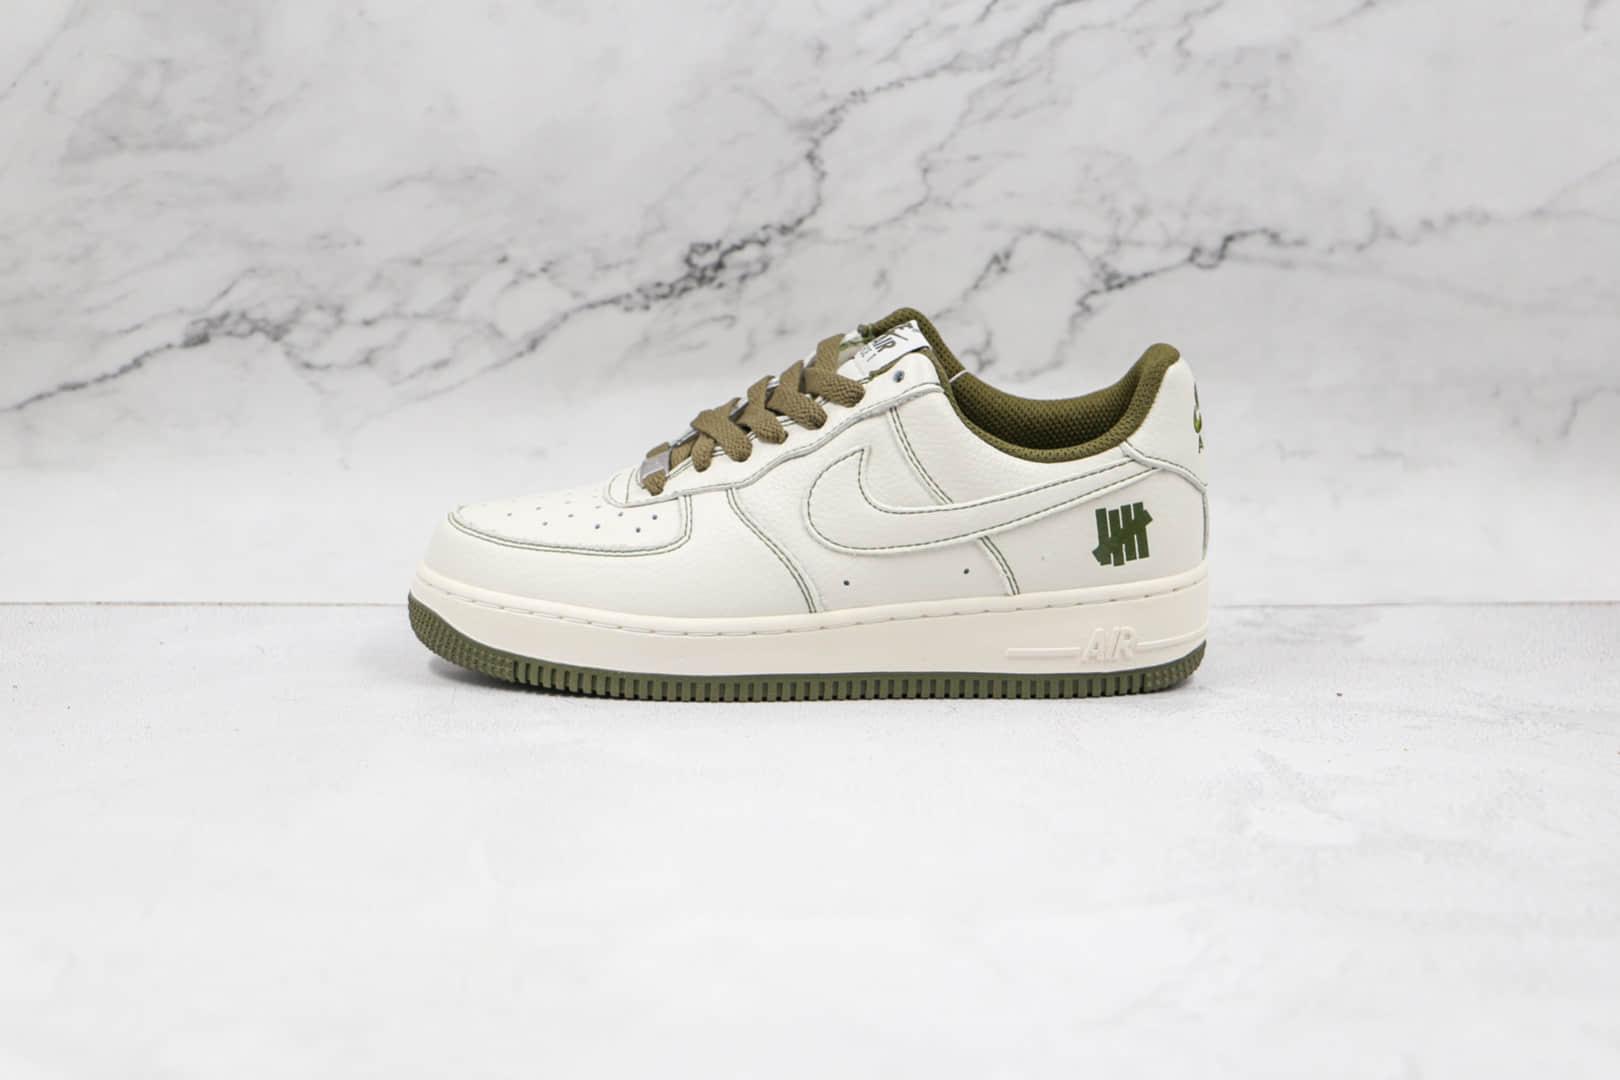 耐克Nike AIR FMRCE 1 LOW x Undefeated联名款纯原版本低帮空军一号白绿缝线HH板鞋内置气垫 货号:UN1315-600